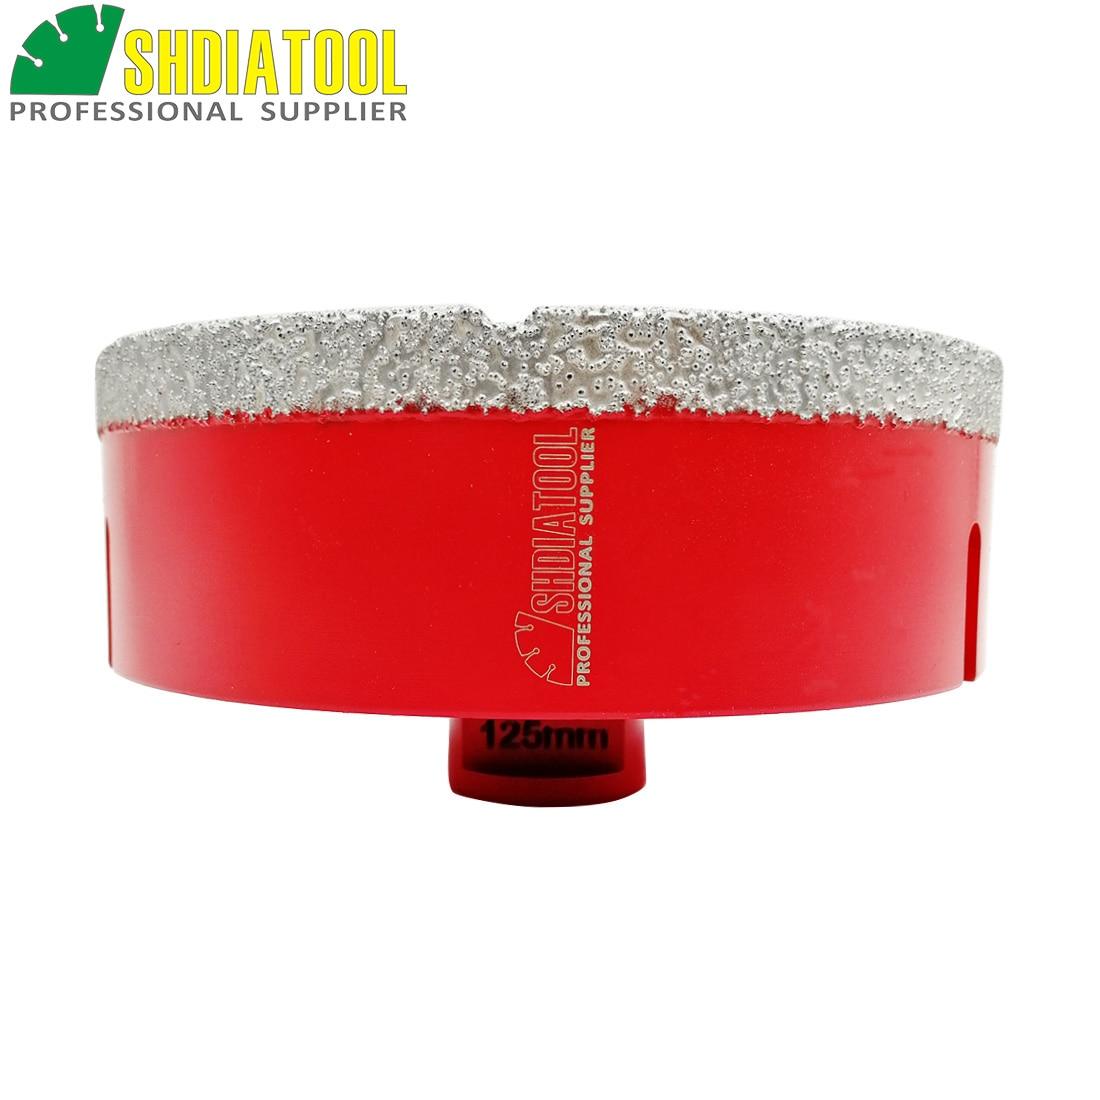 SHDIATOOL 1 pieza M14 diámetro 125mm taladro de diamante soldado al vacío broca de perforación para granito mármol cerámica Sierra de agujero